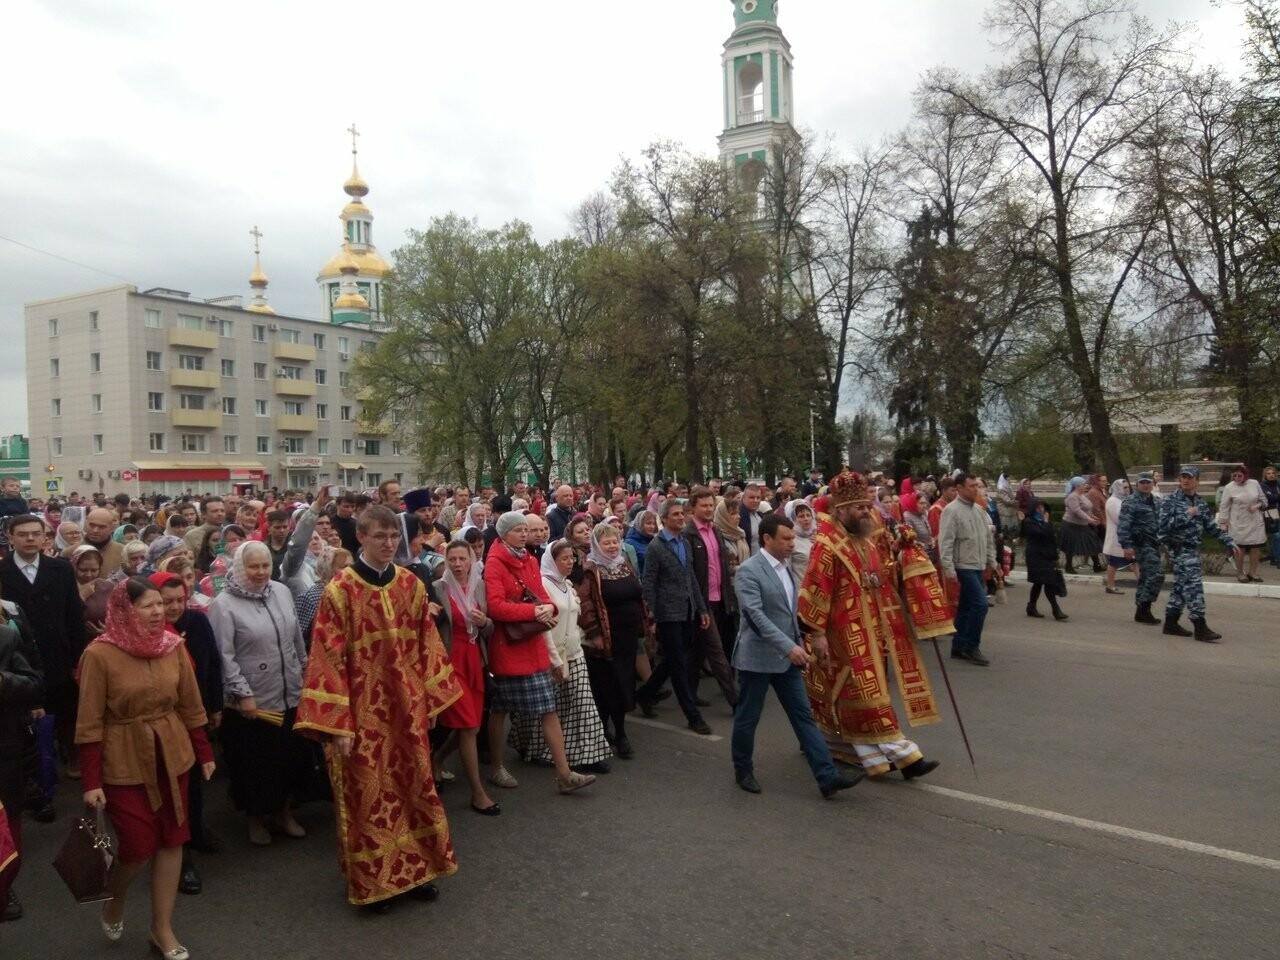 Тамбовские верующие совершили пасхальный крестный ход по улицам Тамбова, фото-1